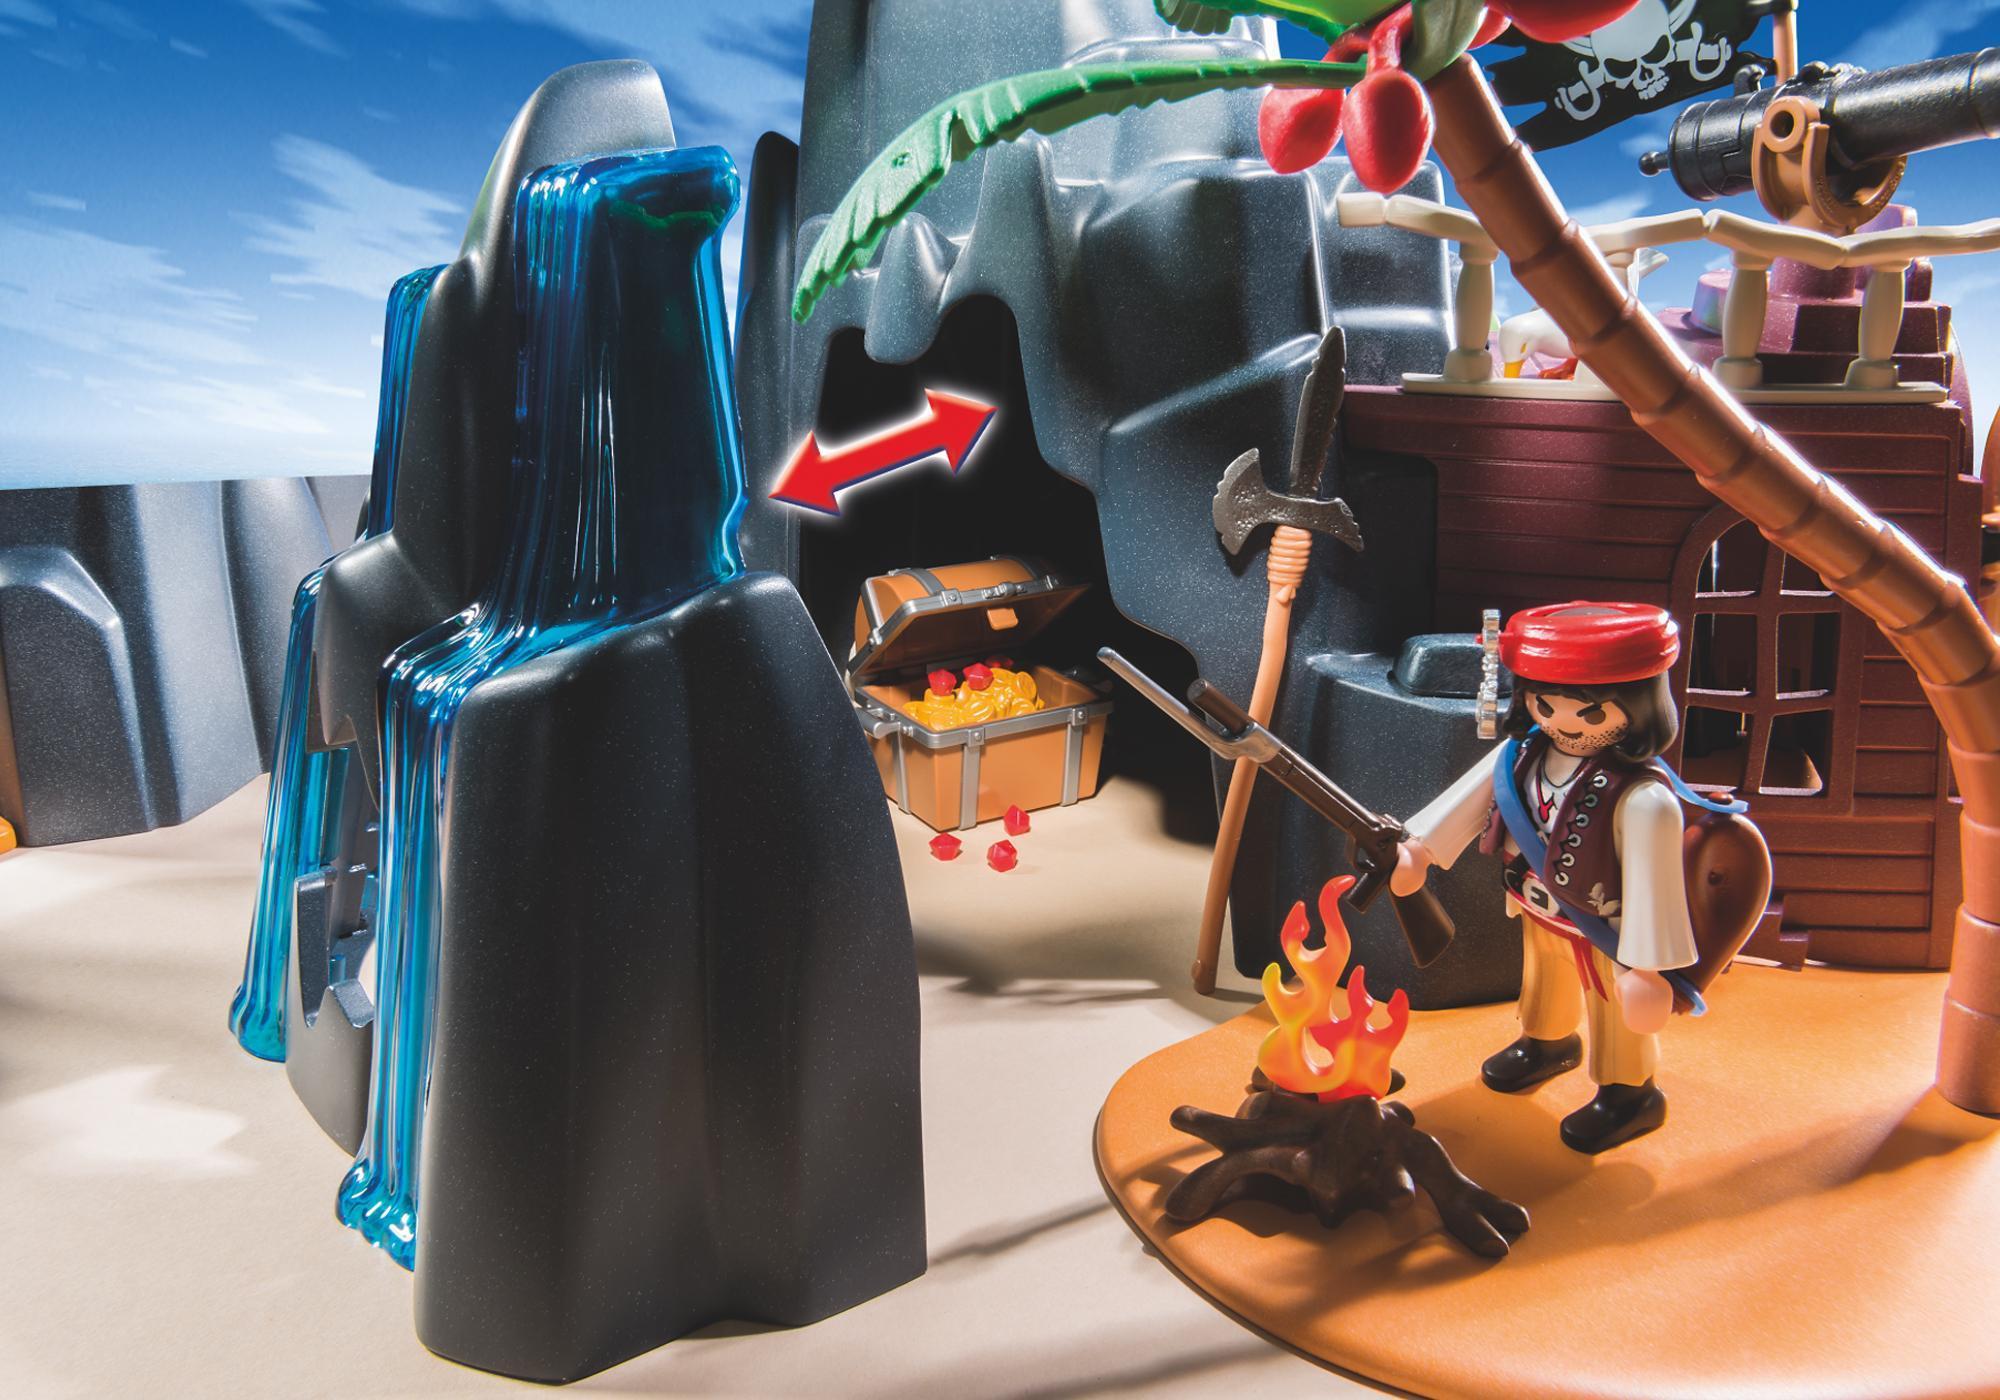 http://media.playmobil.com/i/playmobil/6679_product_extra1/Ilha do Tesouro dos Piratas